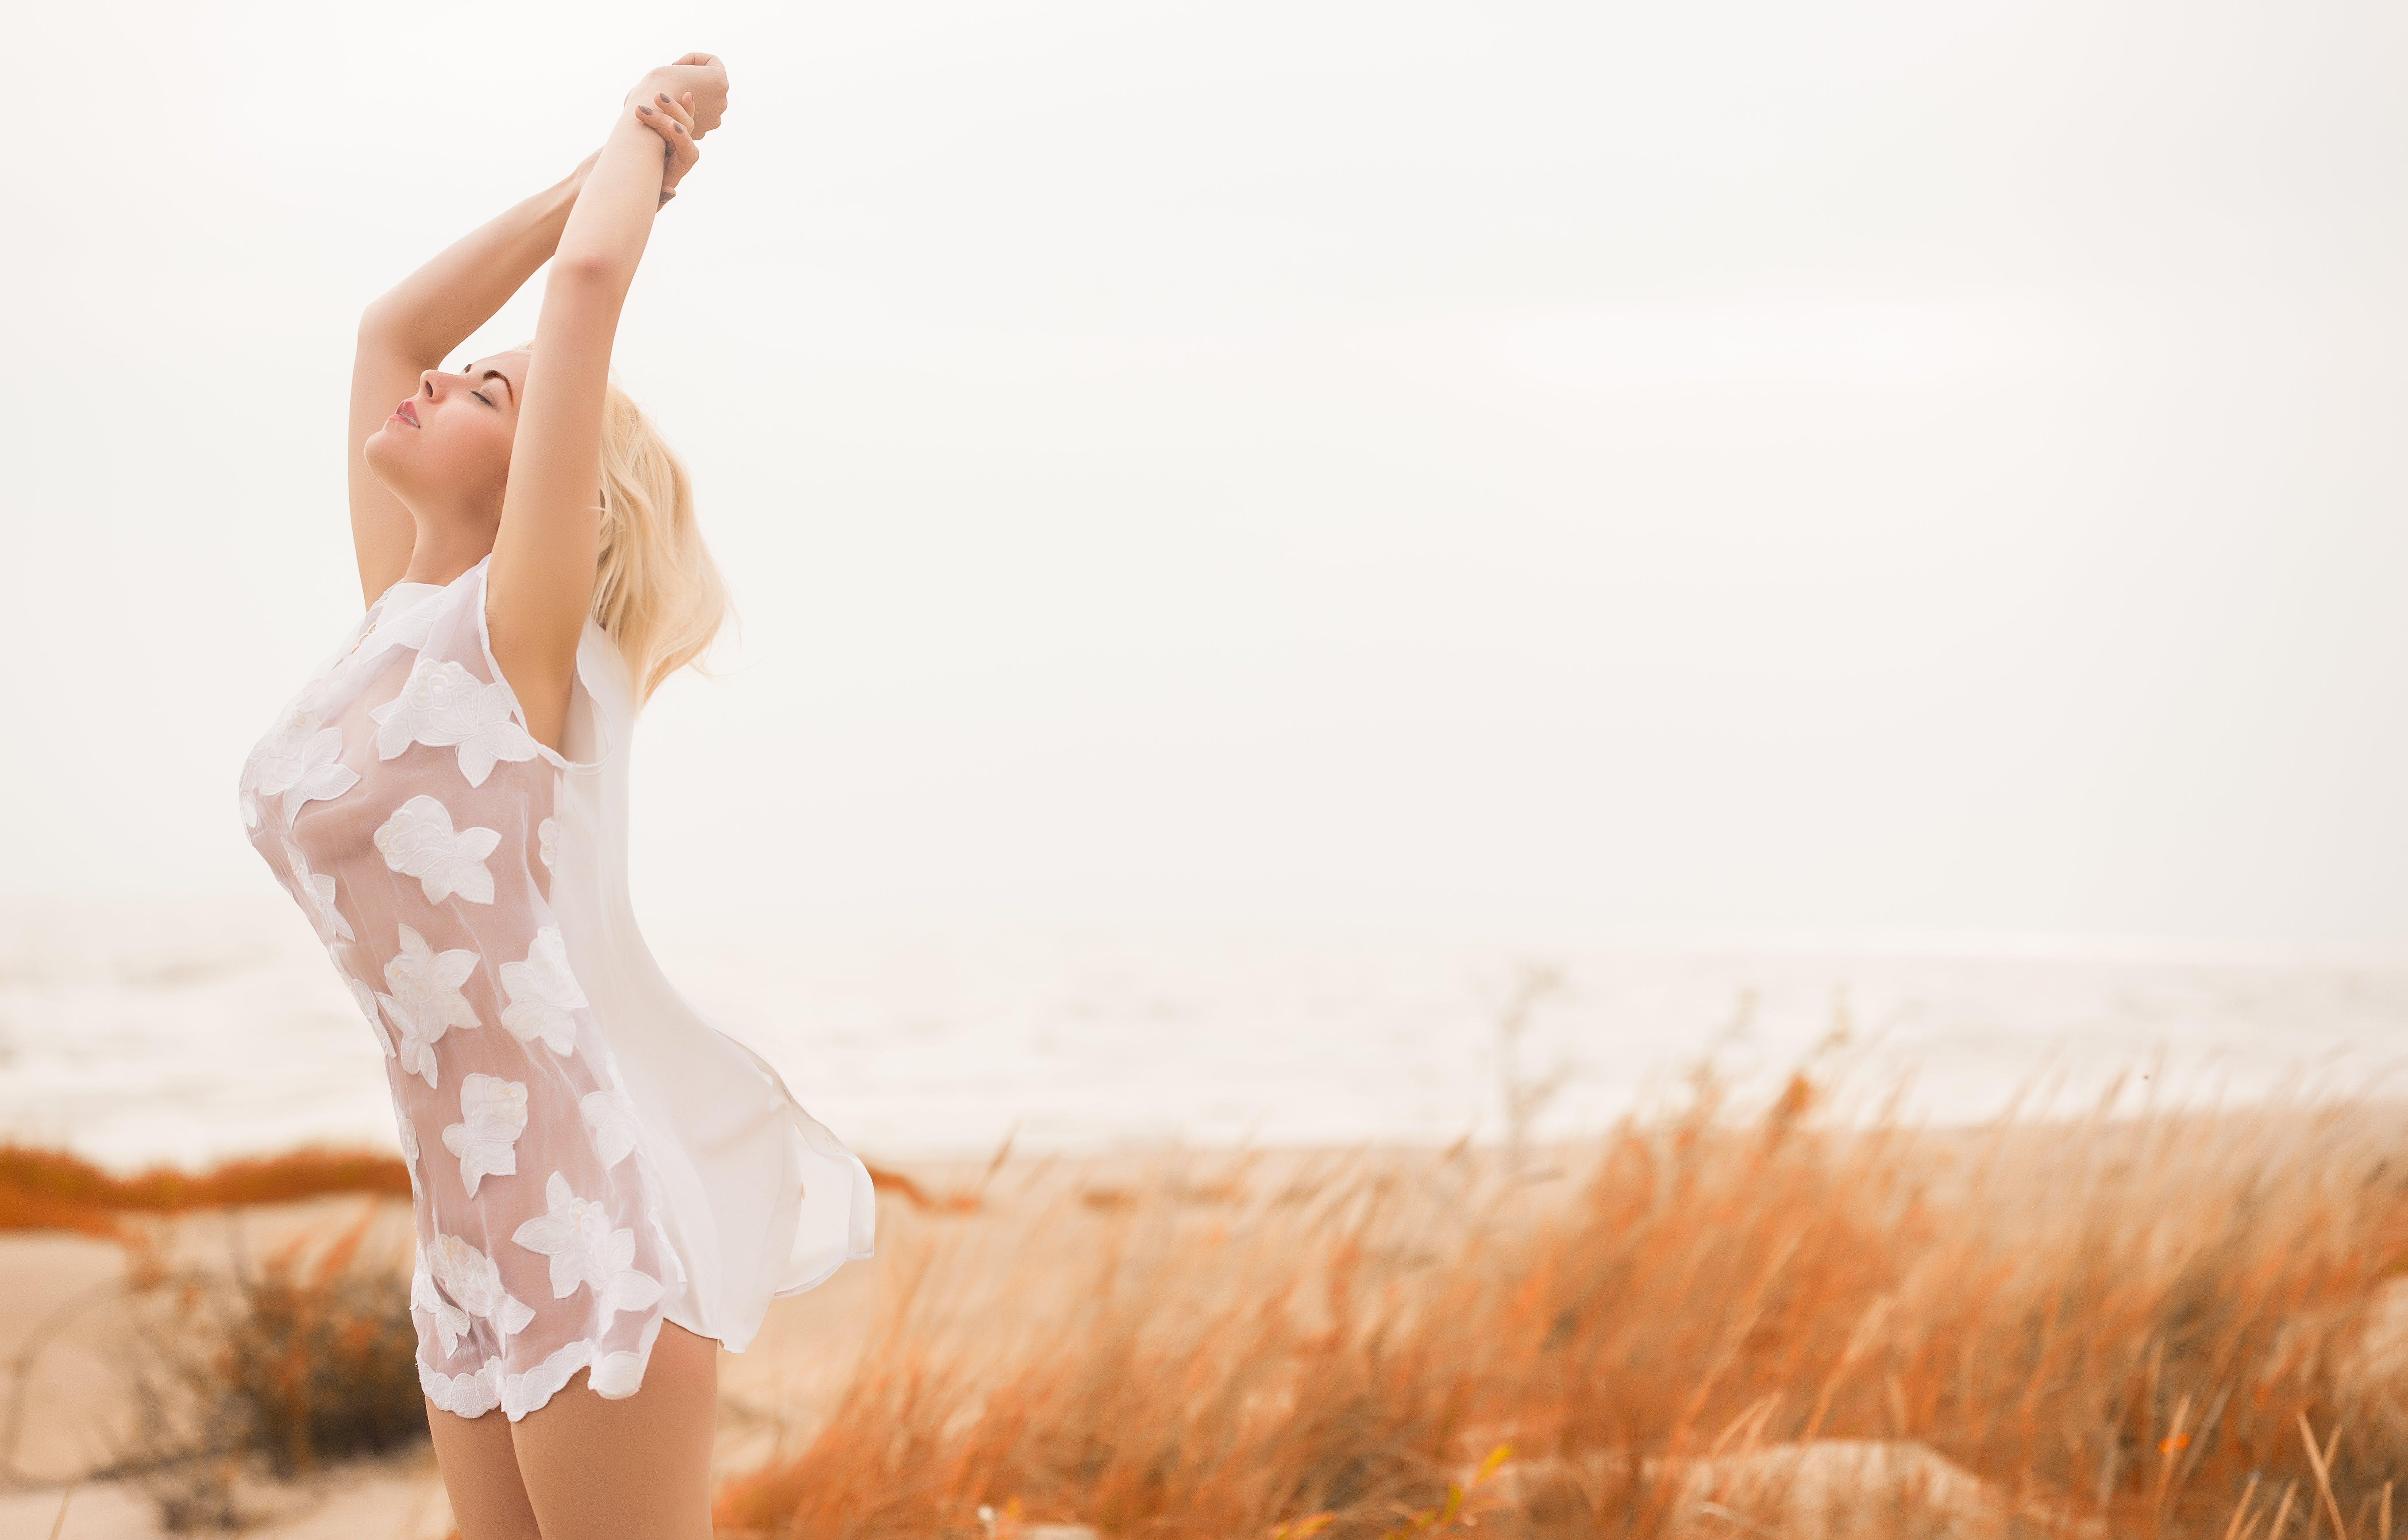 休閒, 夏天, 女人, 女孩 的 免費圖庫相片